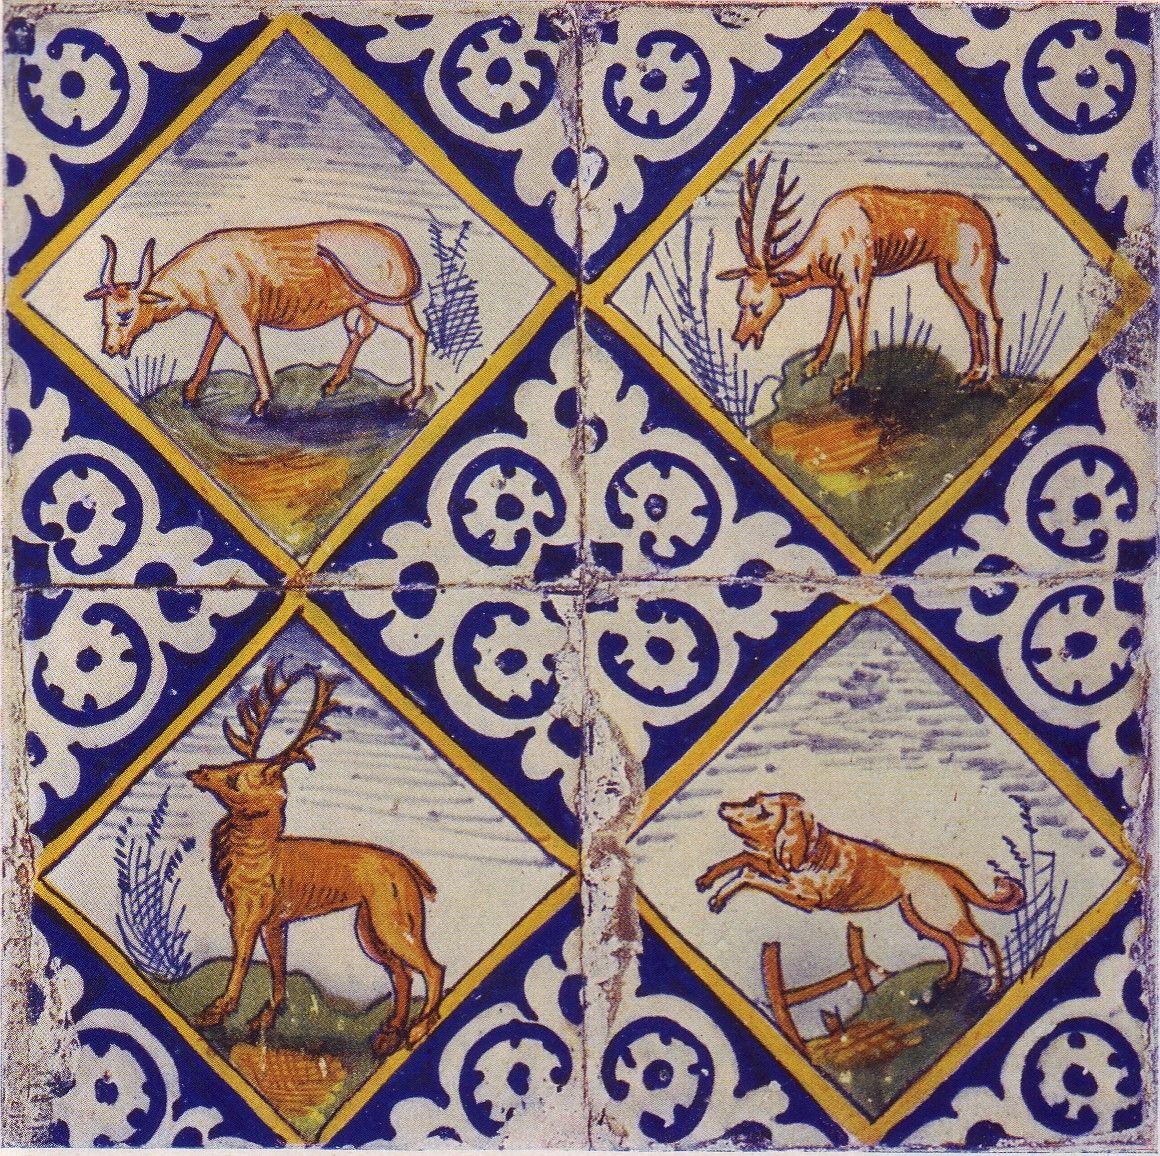 Serie kwadraattegels met afbeelding van een stier, twee edelherten en een springende hond, circa 1600.